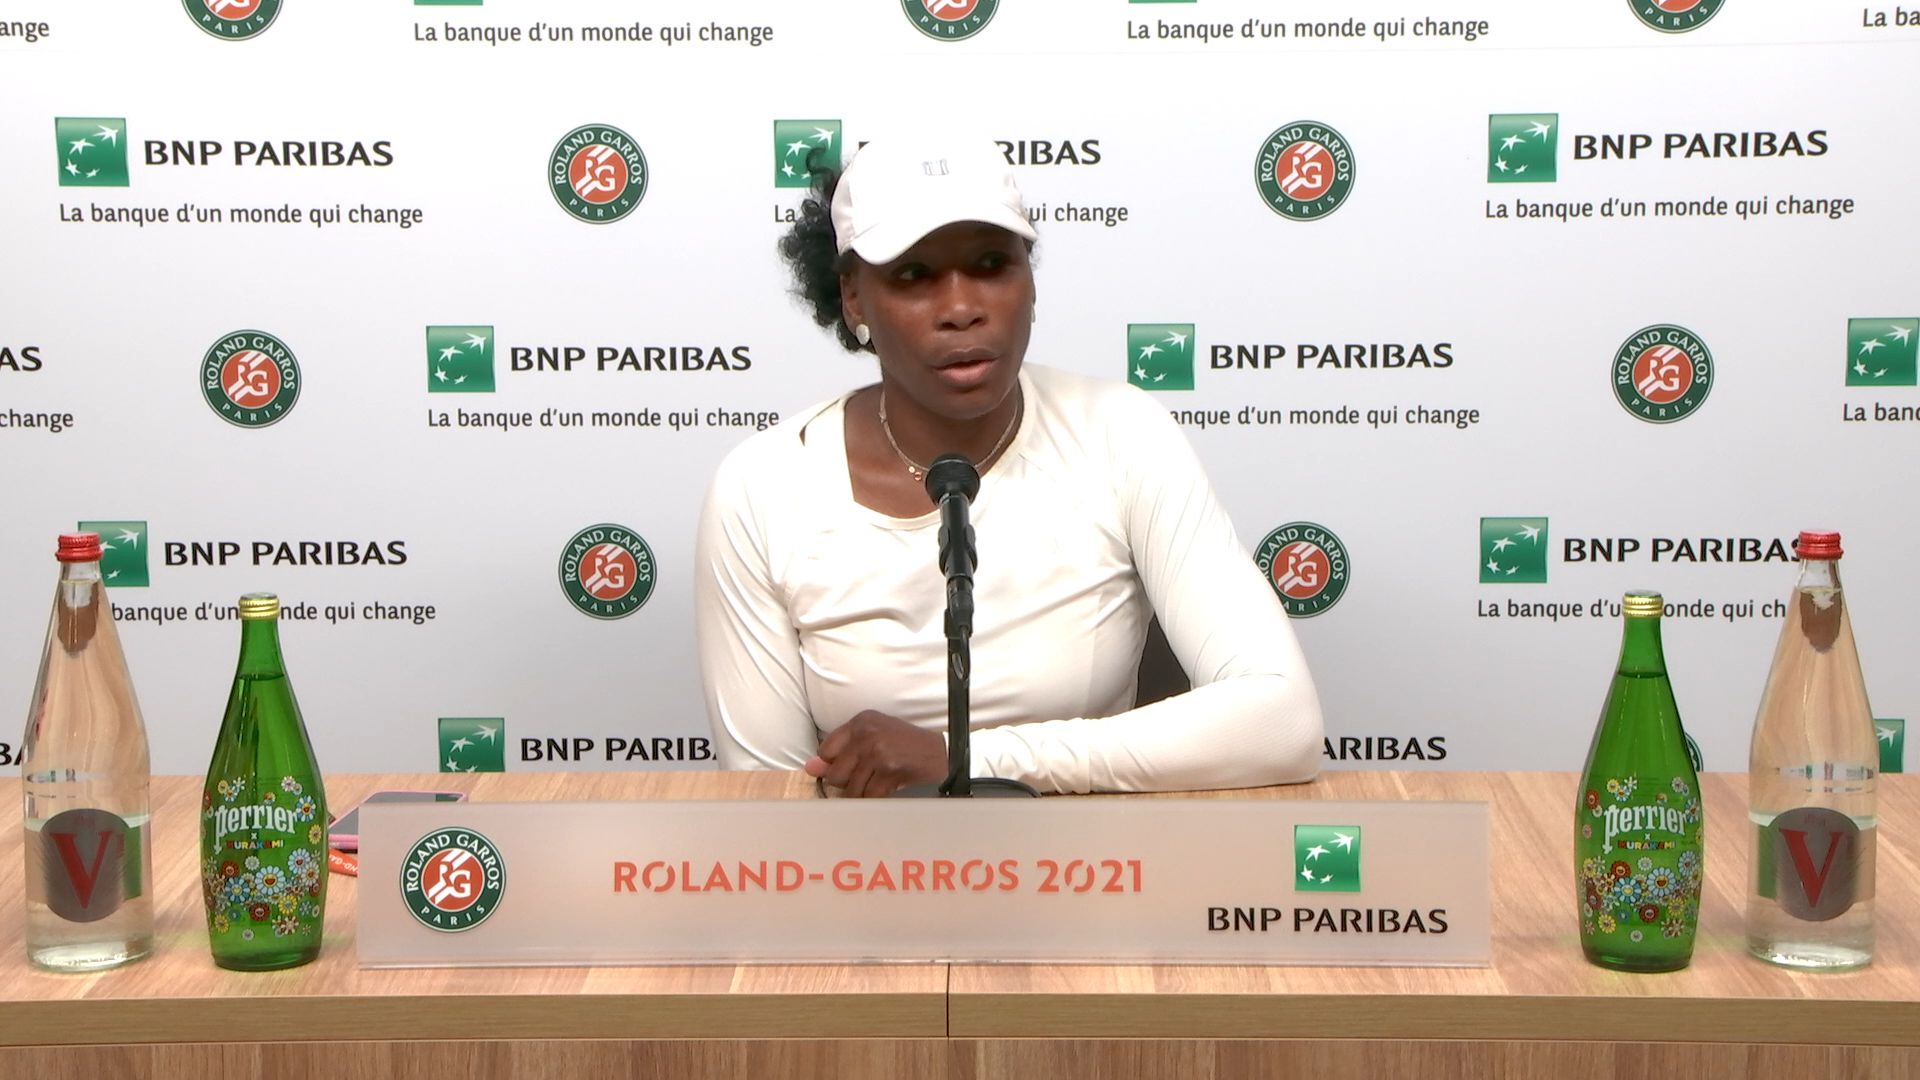 French tennis boss defends handling of Naomi Osaka media boycott